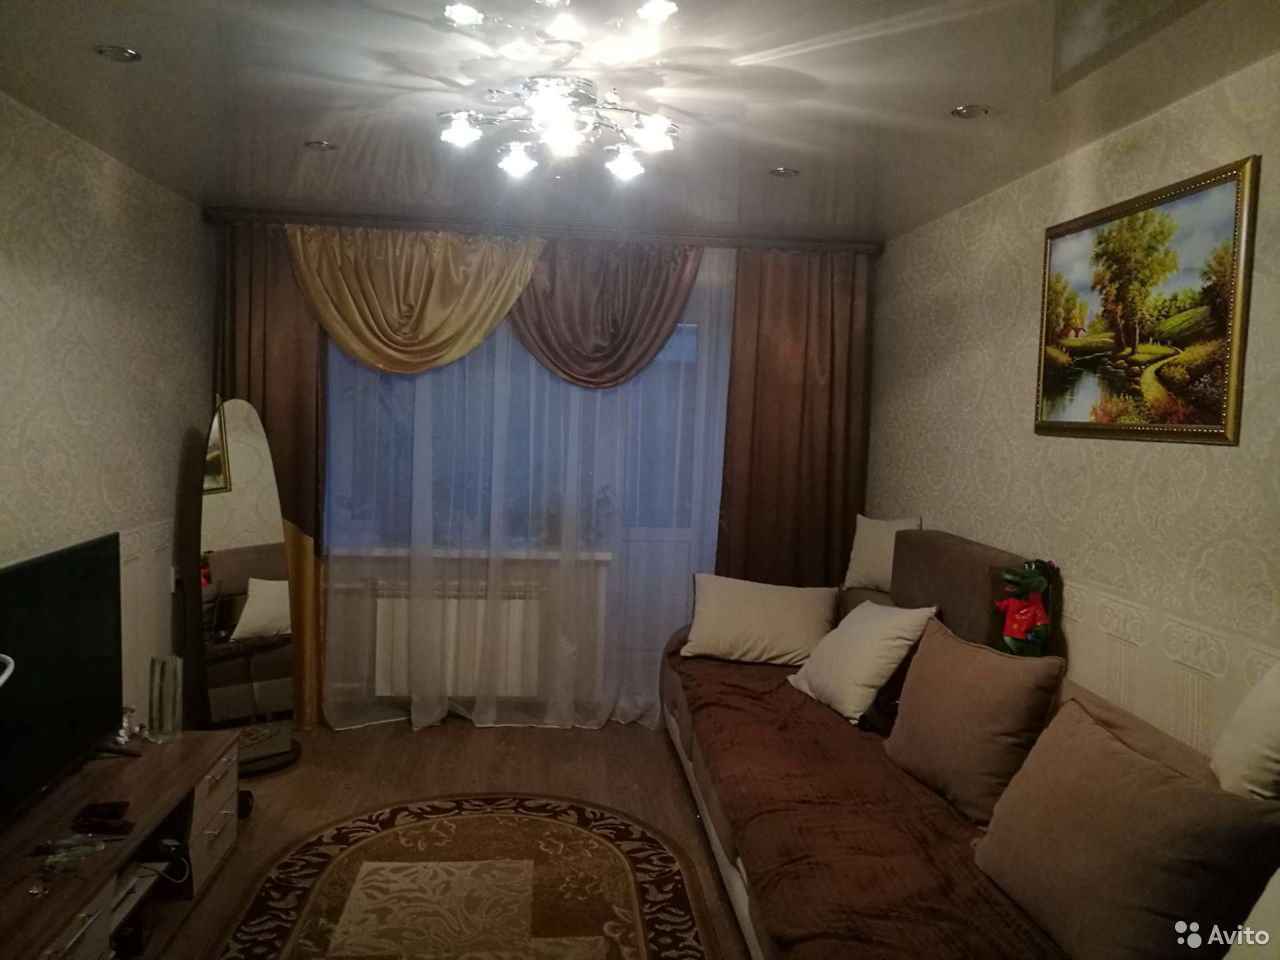 3-к квартира, 63.7 м², 2/2 эт.  89618940544 купить 3